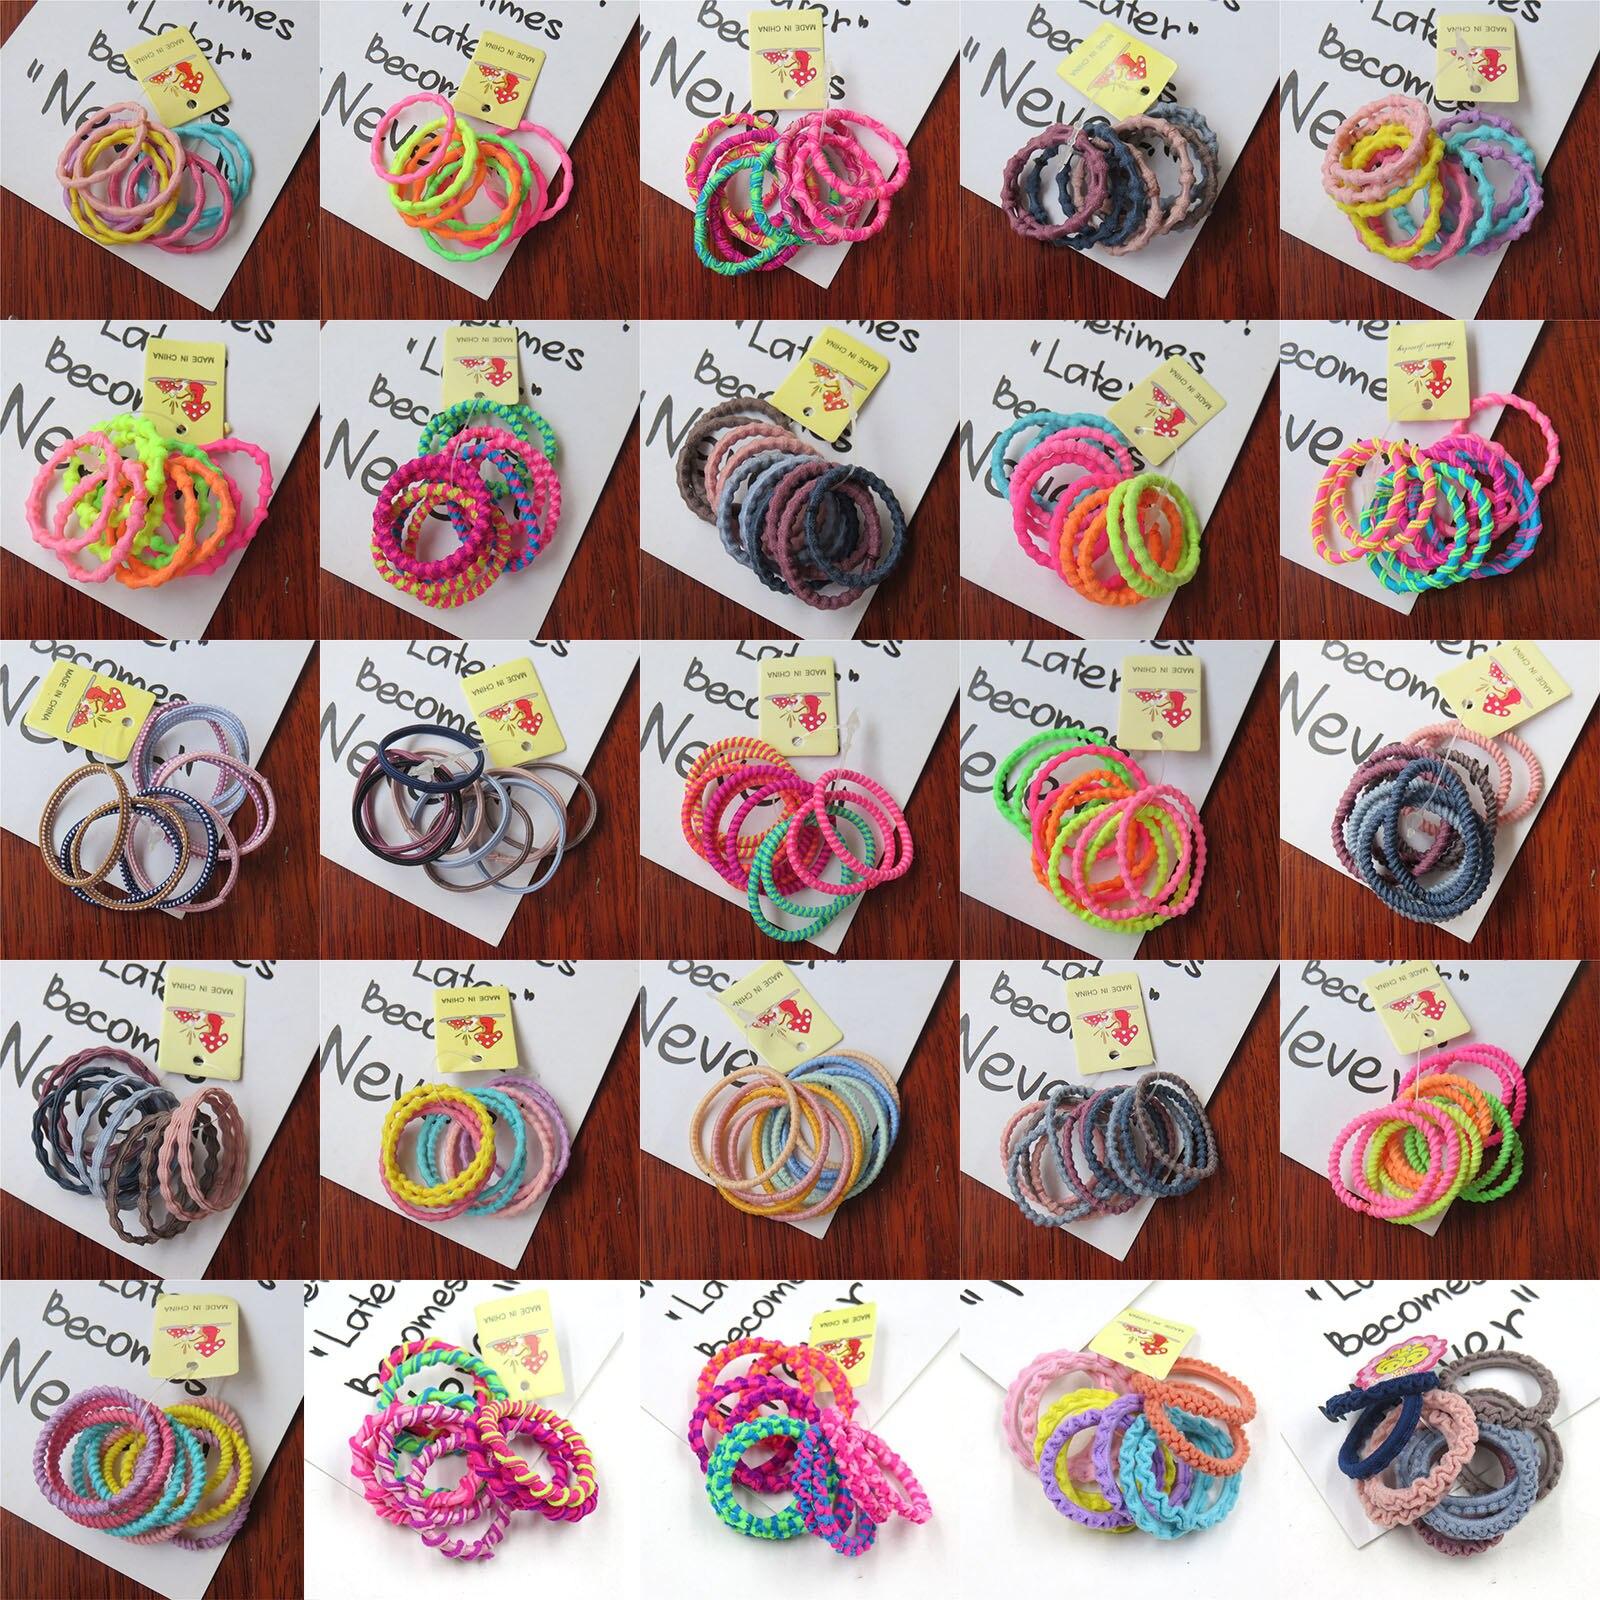 10PCS/1SET Pretty 3CM Colourful Elastic Hair Bands For Girls Handmade Hair Scrunchy Kids Creative Hair Accessories For Womens